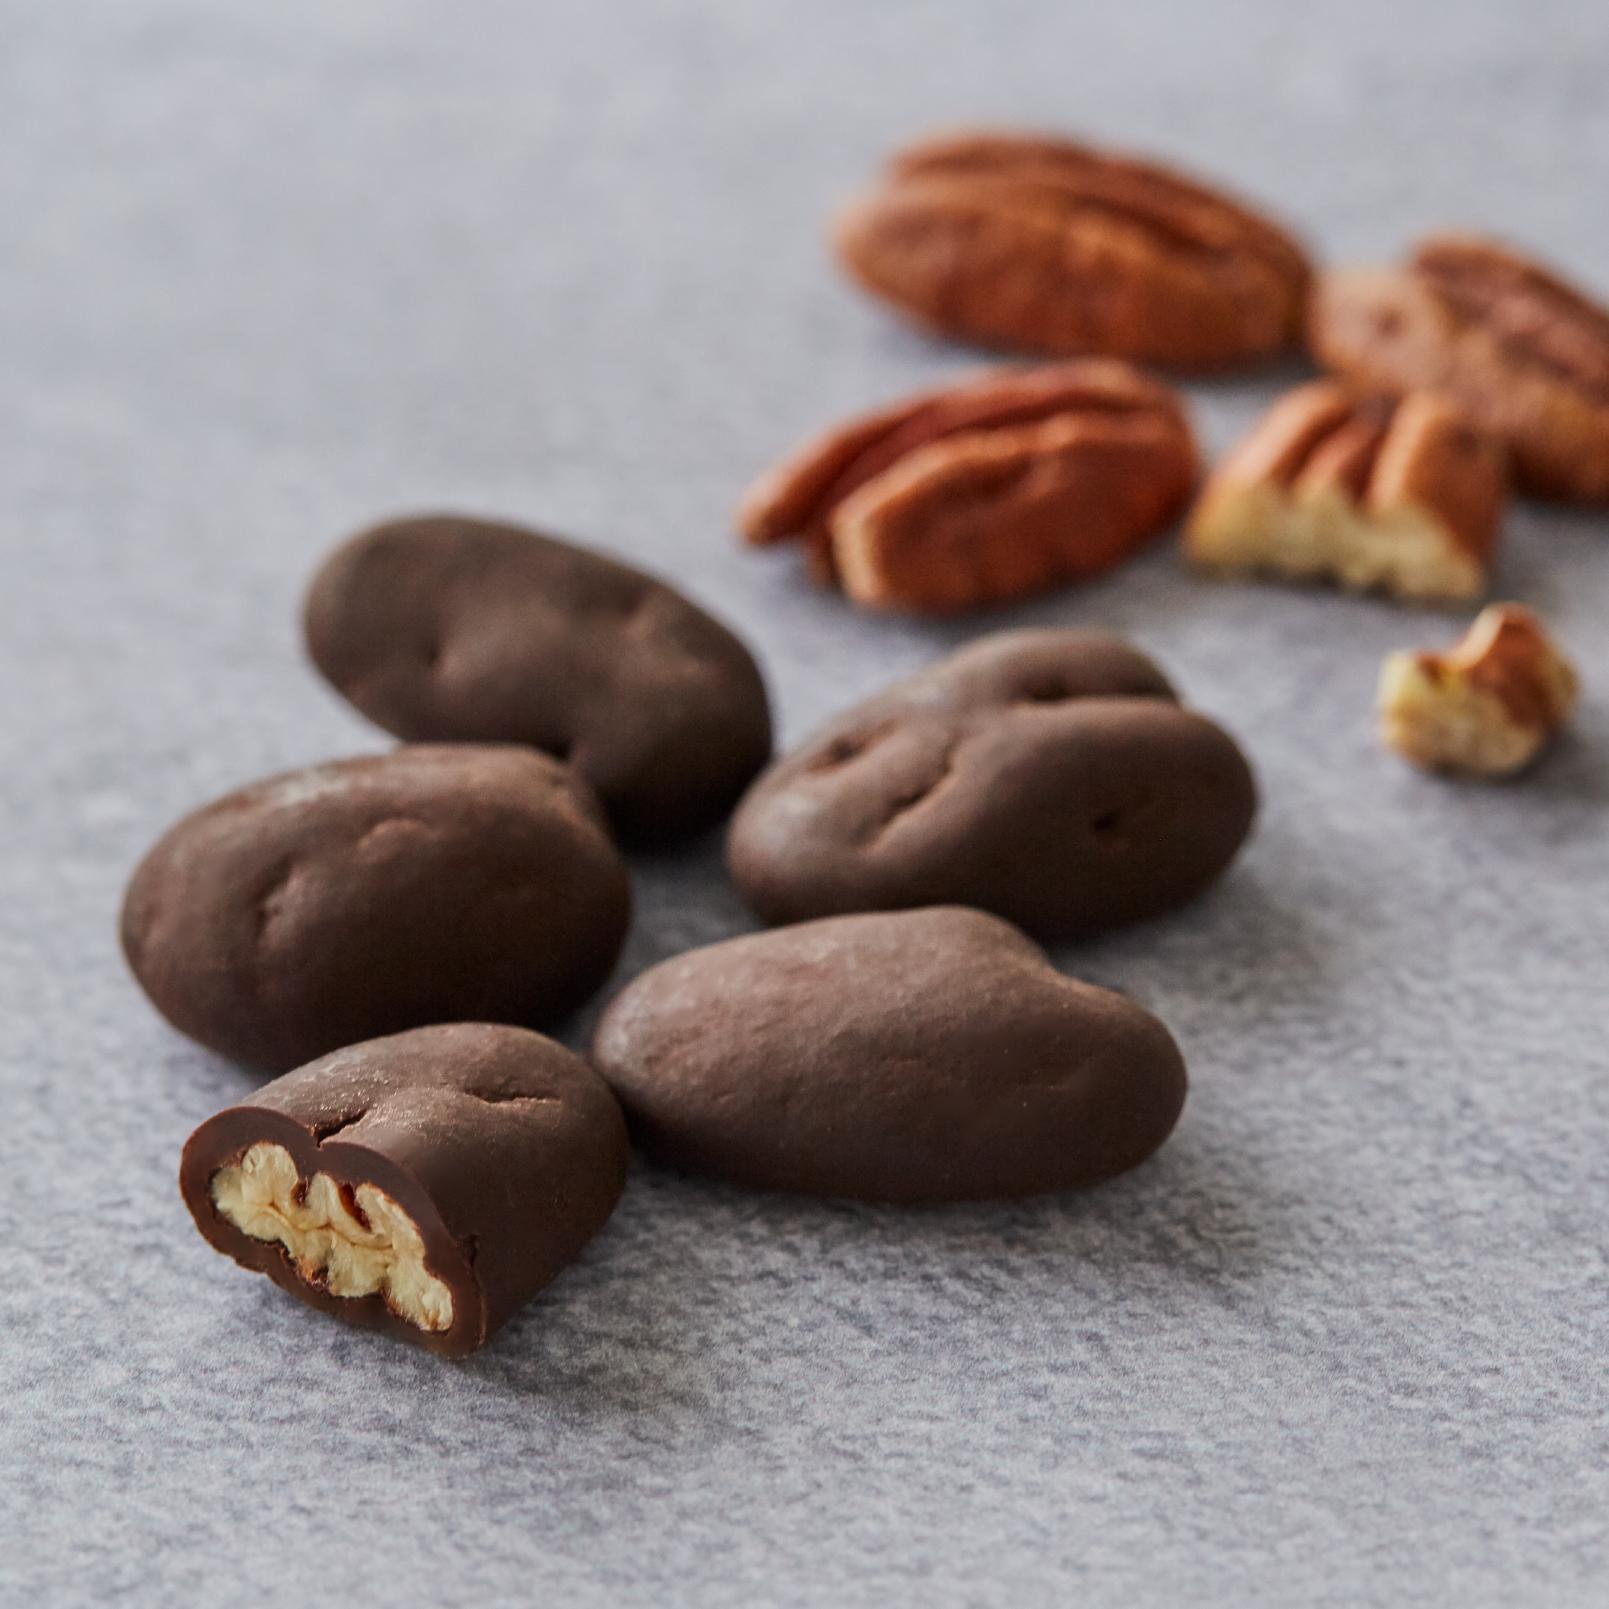 ピーカンナッツチョコレート